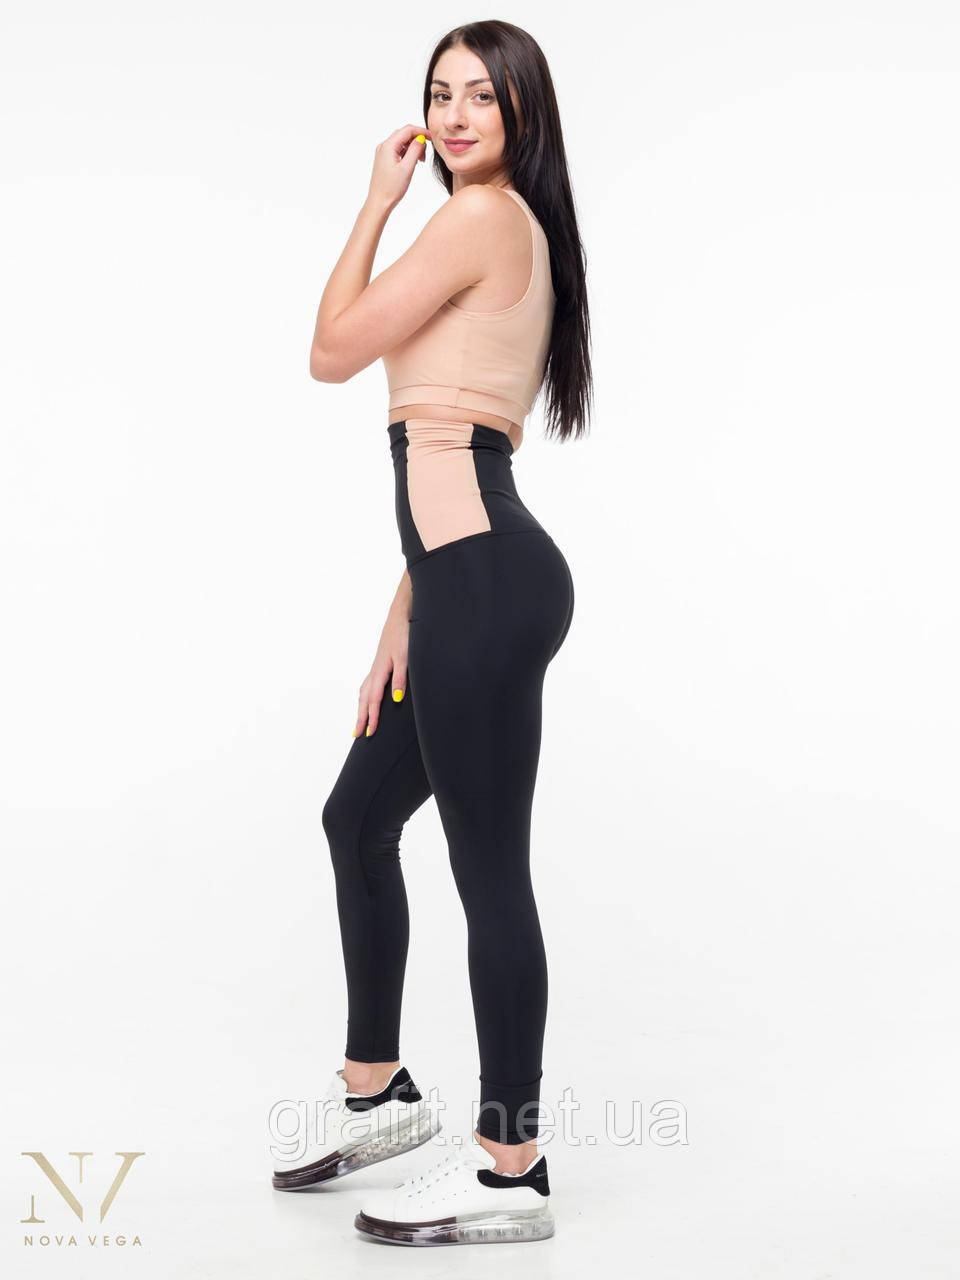 Спортивные Женские Лосины Nova Vega Classic Black Высокий Пояс